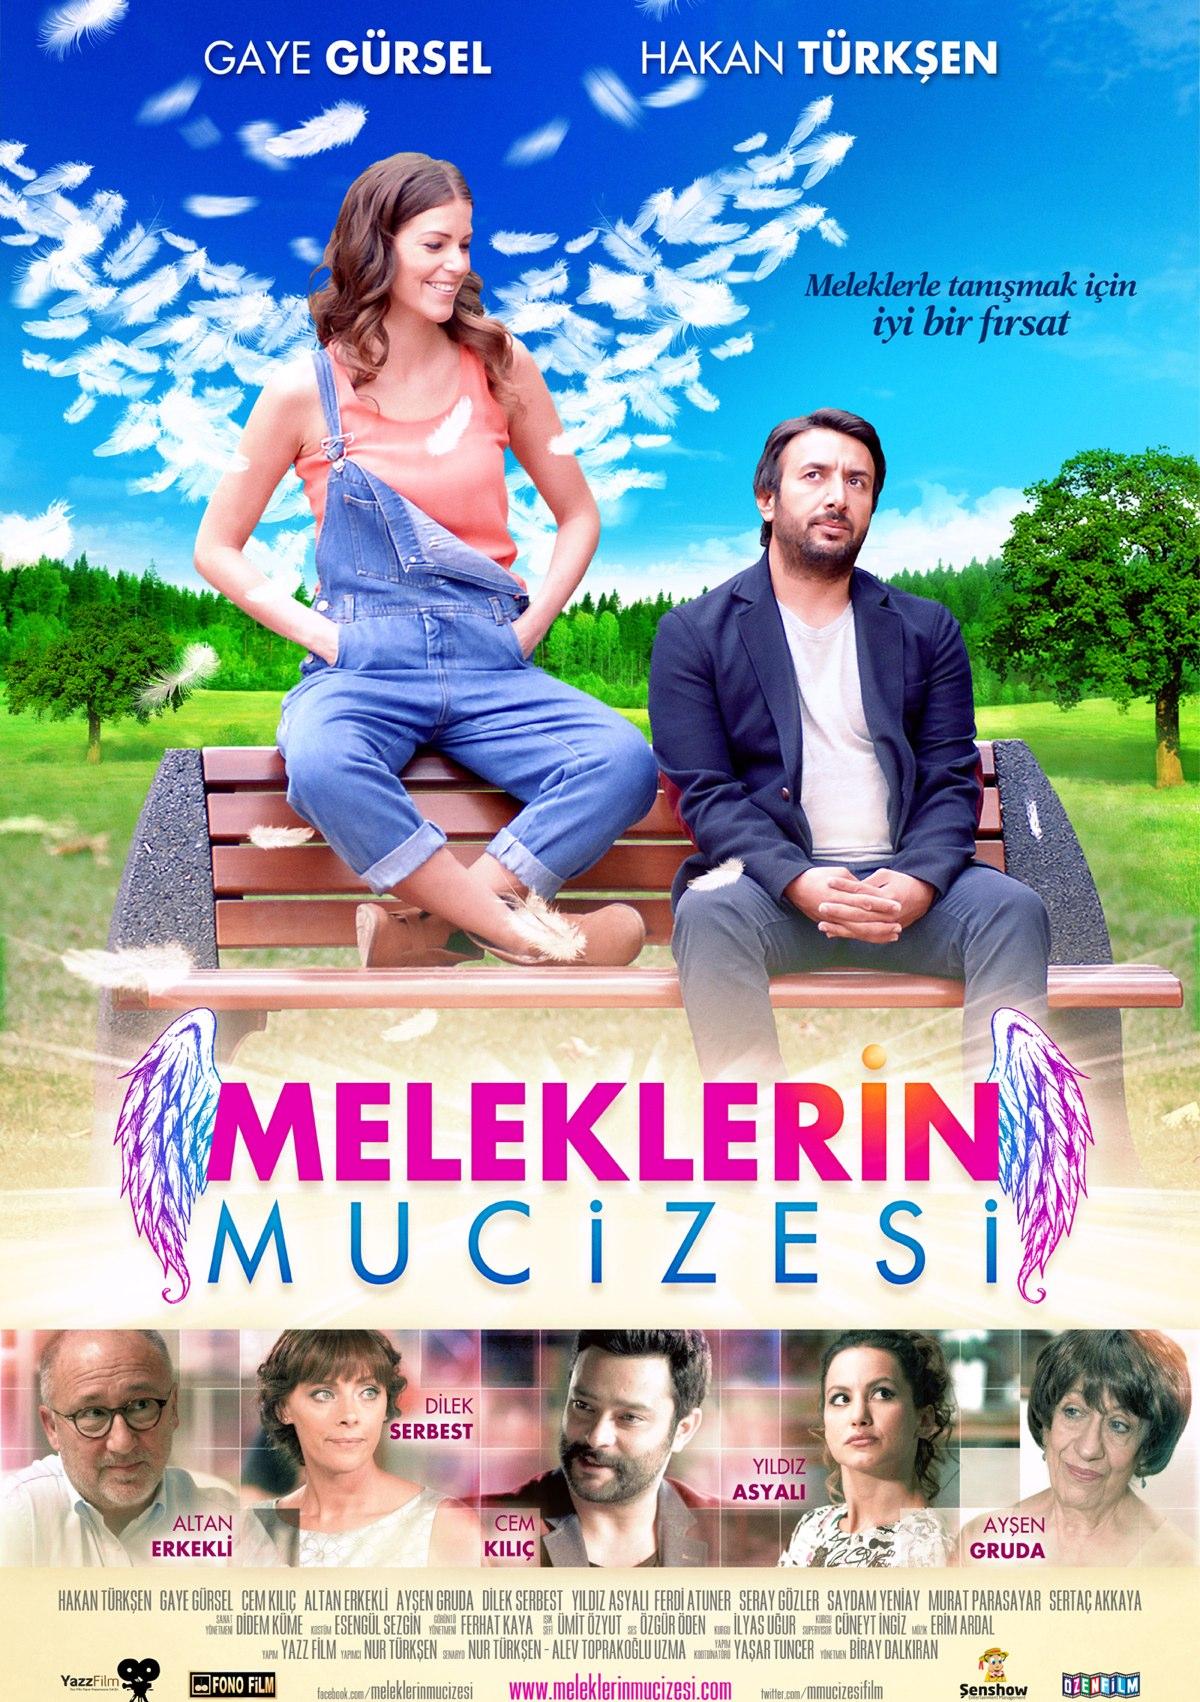 Meleklerin Mucizesi Film 2014 Beyazperdecom